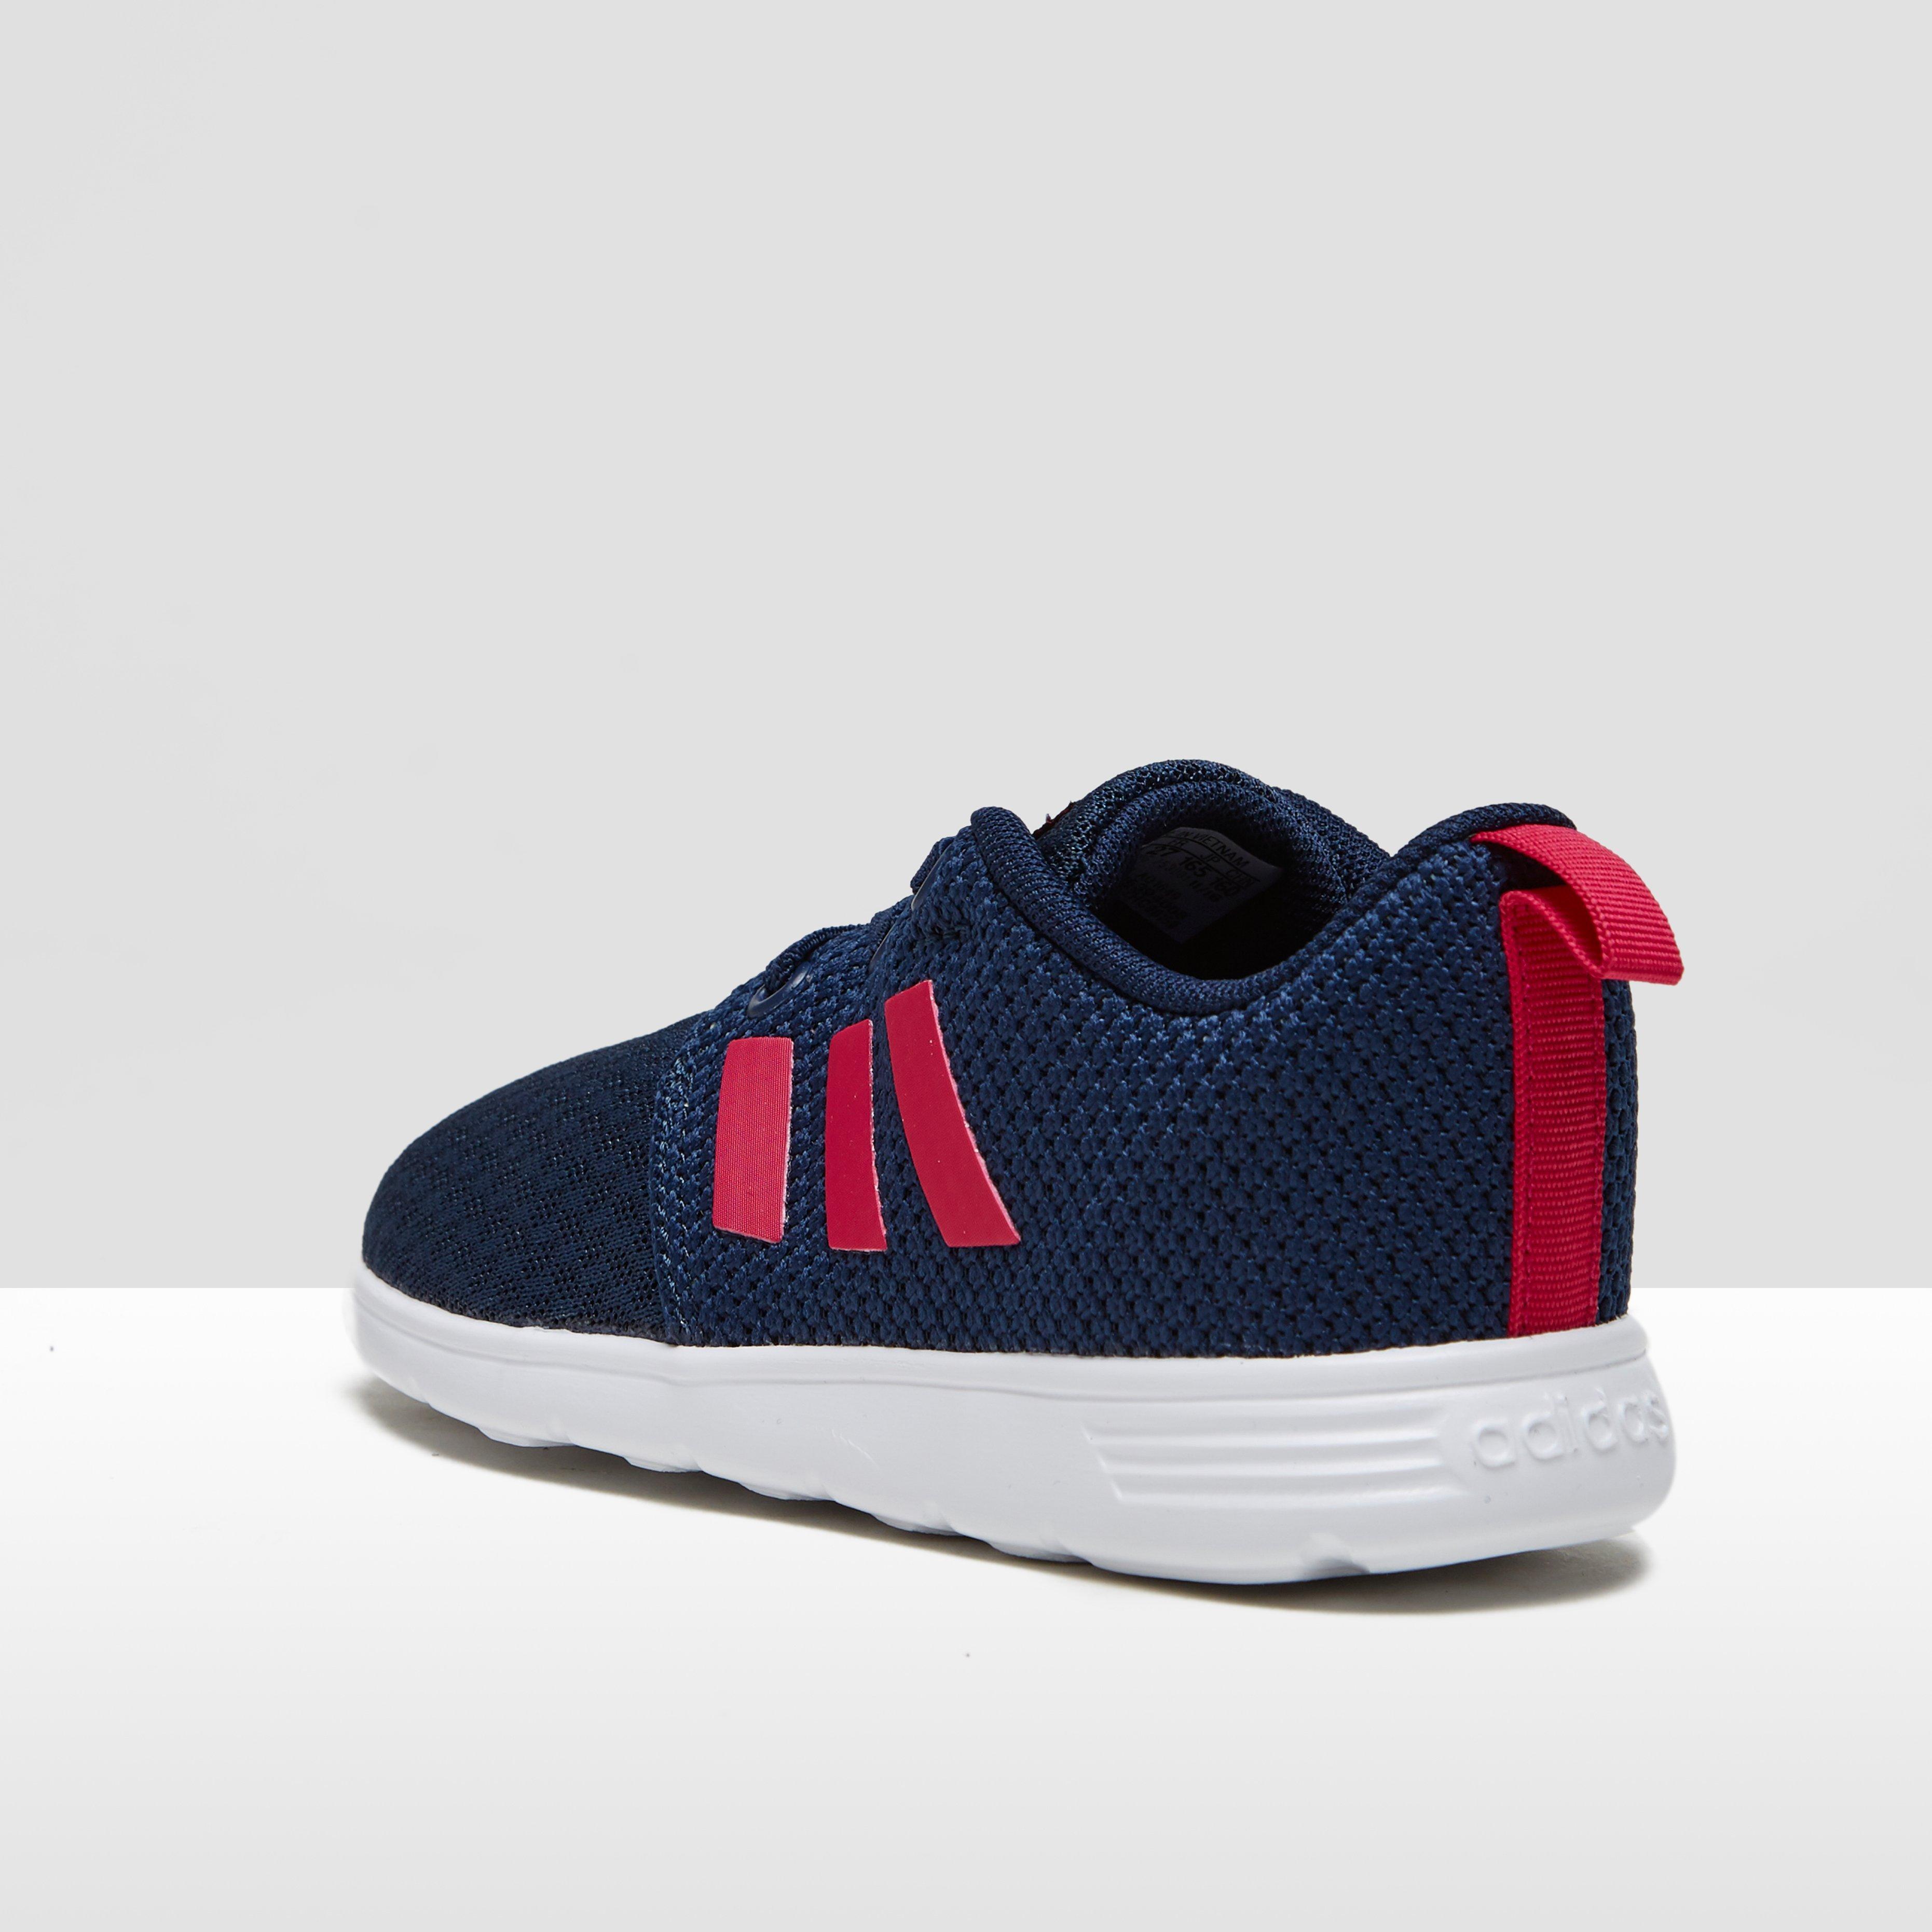 Adidas - Chaussures De Sport Swifty Jr - Garçons - Chaussures De Sport - Noir - 38 2/3 ZrzMsLg